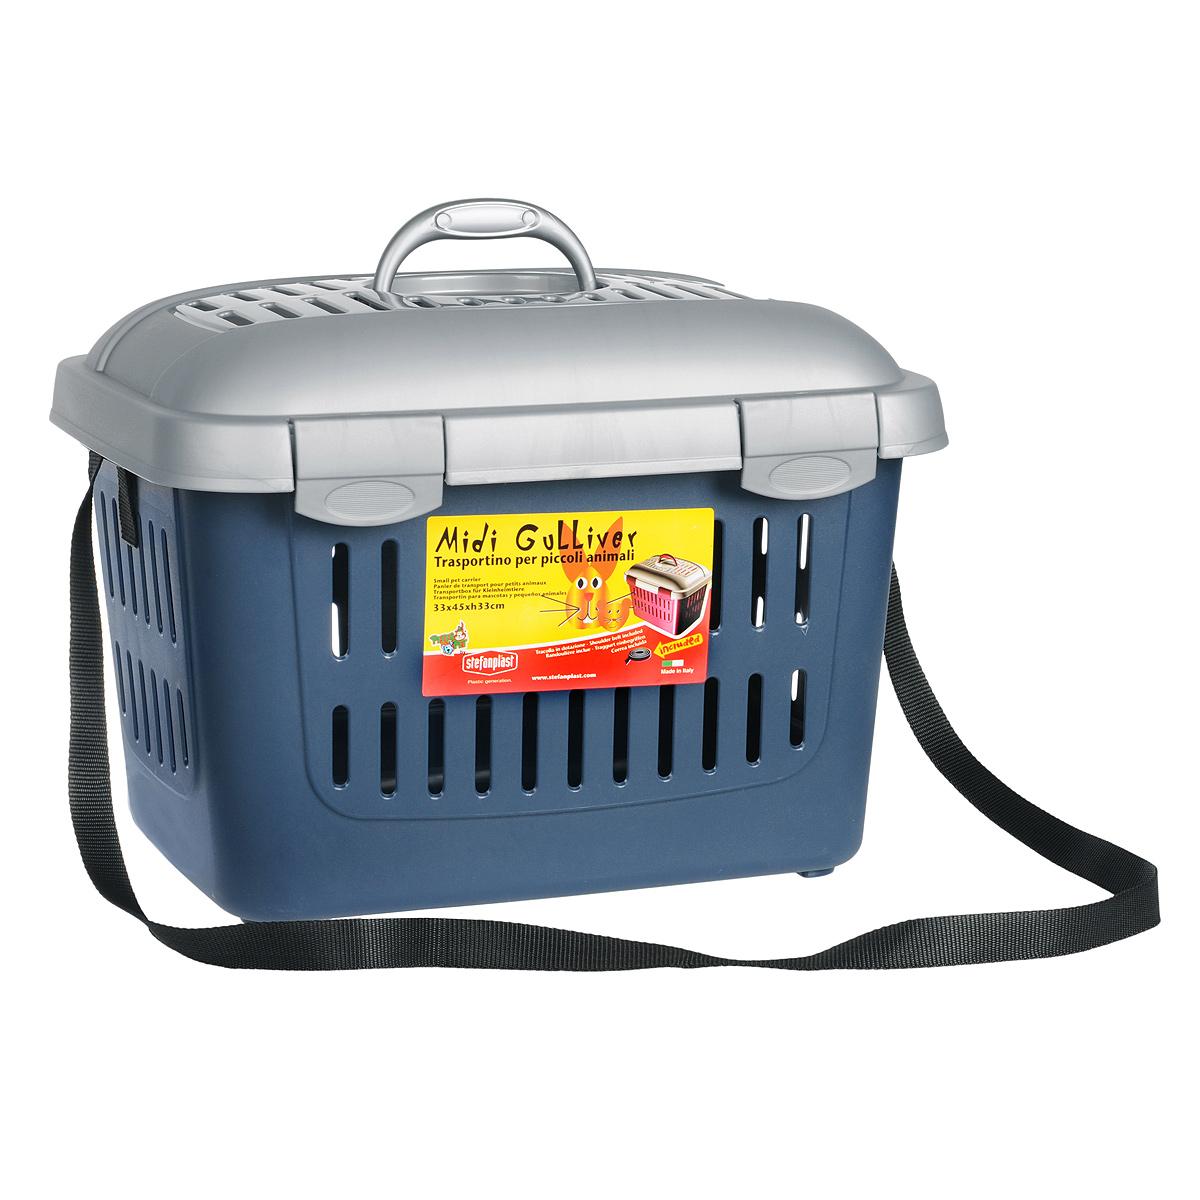 Переноска для грызунов I.P.T.S. Midi, цвет: синий, 44 см х 33 см х 33 см16186Переноска для грызунов I.P.T.S. Midi выполнены из высококачественного пластика синего цвета, позволяет комфортно перевозить животное. Крышка и боковые стороны переноски оснащены отверстиями для вентиляции. Прочная ручка обеспечивает большую безопасность при переноске. Крышка надежно крепится к корпусу при помощи защелок. Идеально подходит для транспортировки вашего маленького питомца, например, к ветеринару. Размер переноски: 44 см х 33 см х 33 см.